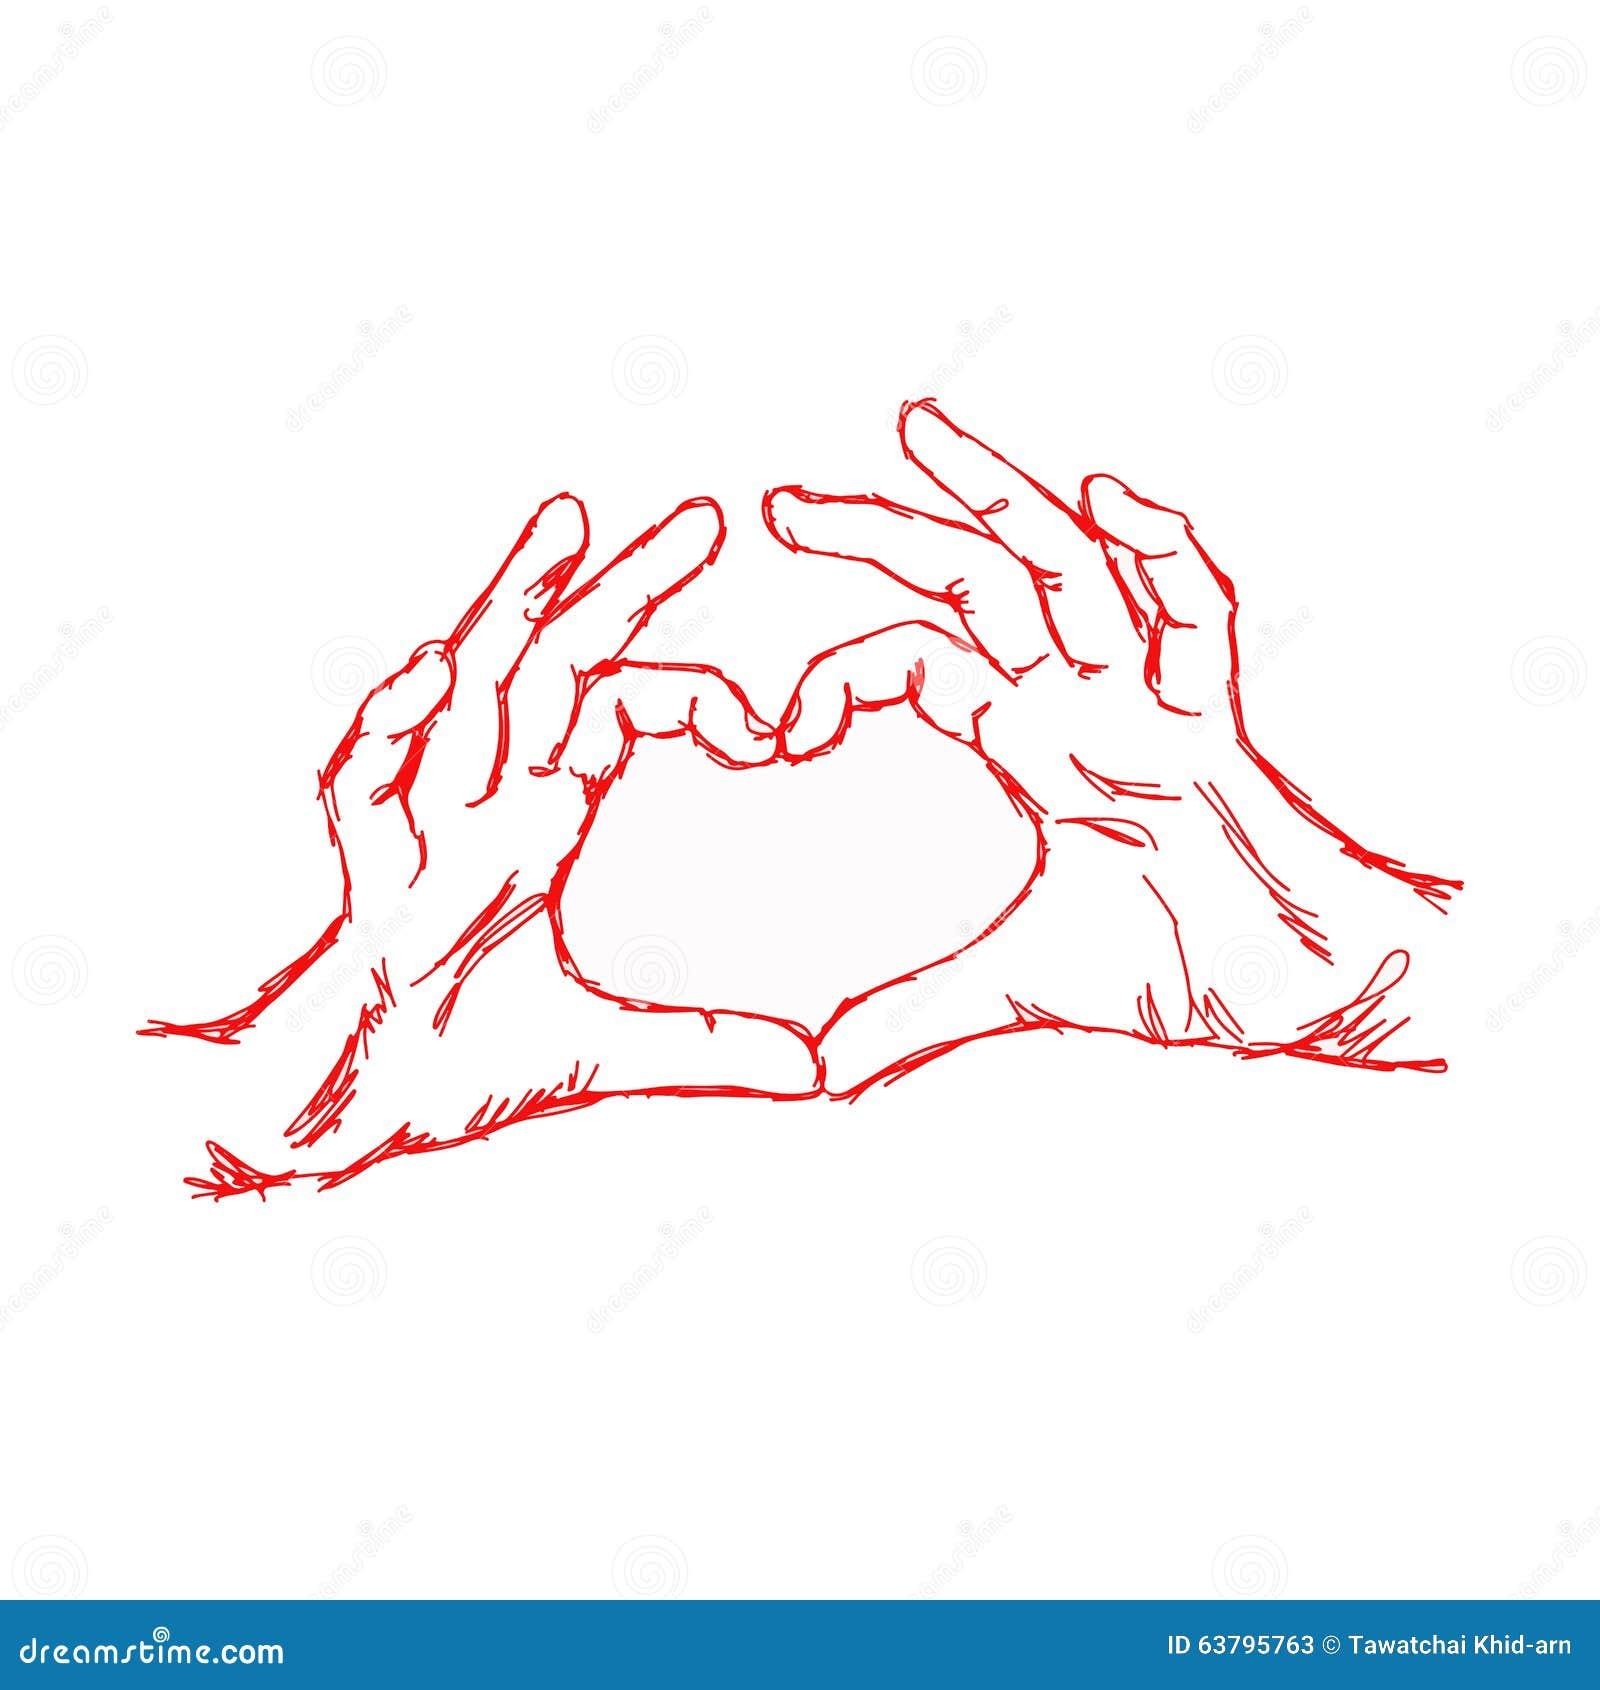 形成心脏形状,与红色笔的例证传染媒介手拉的乱画手.图片